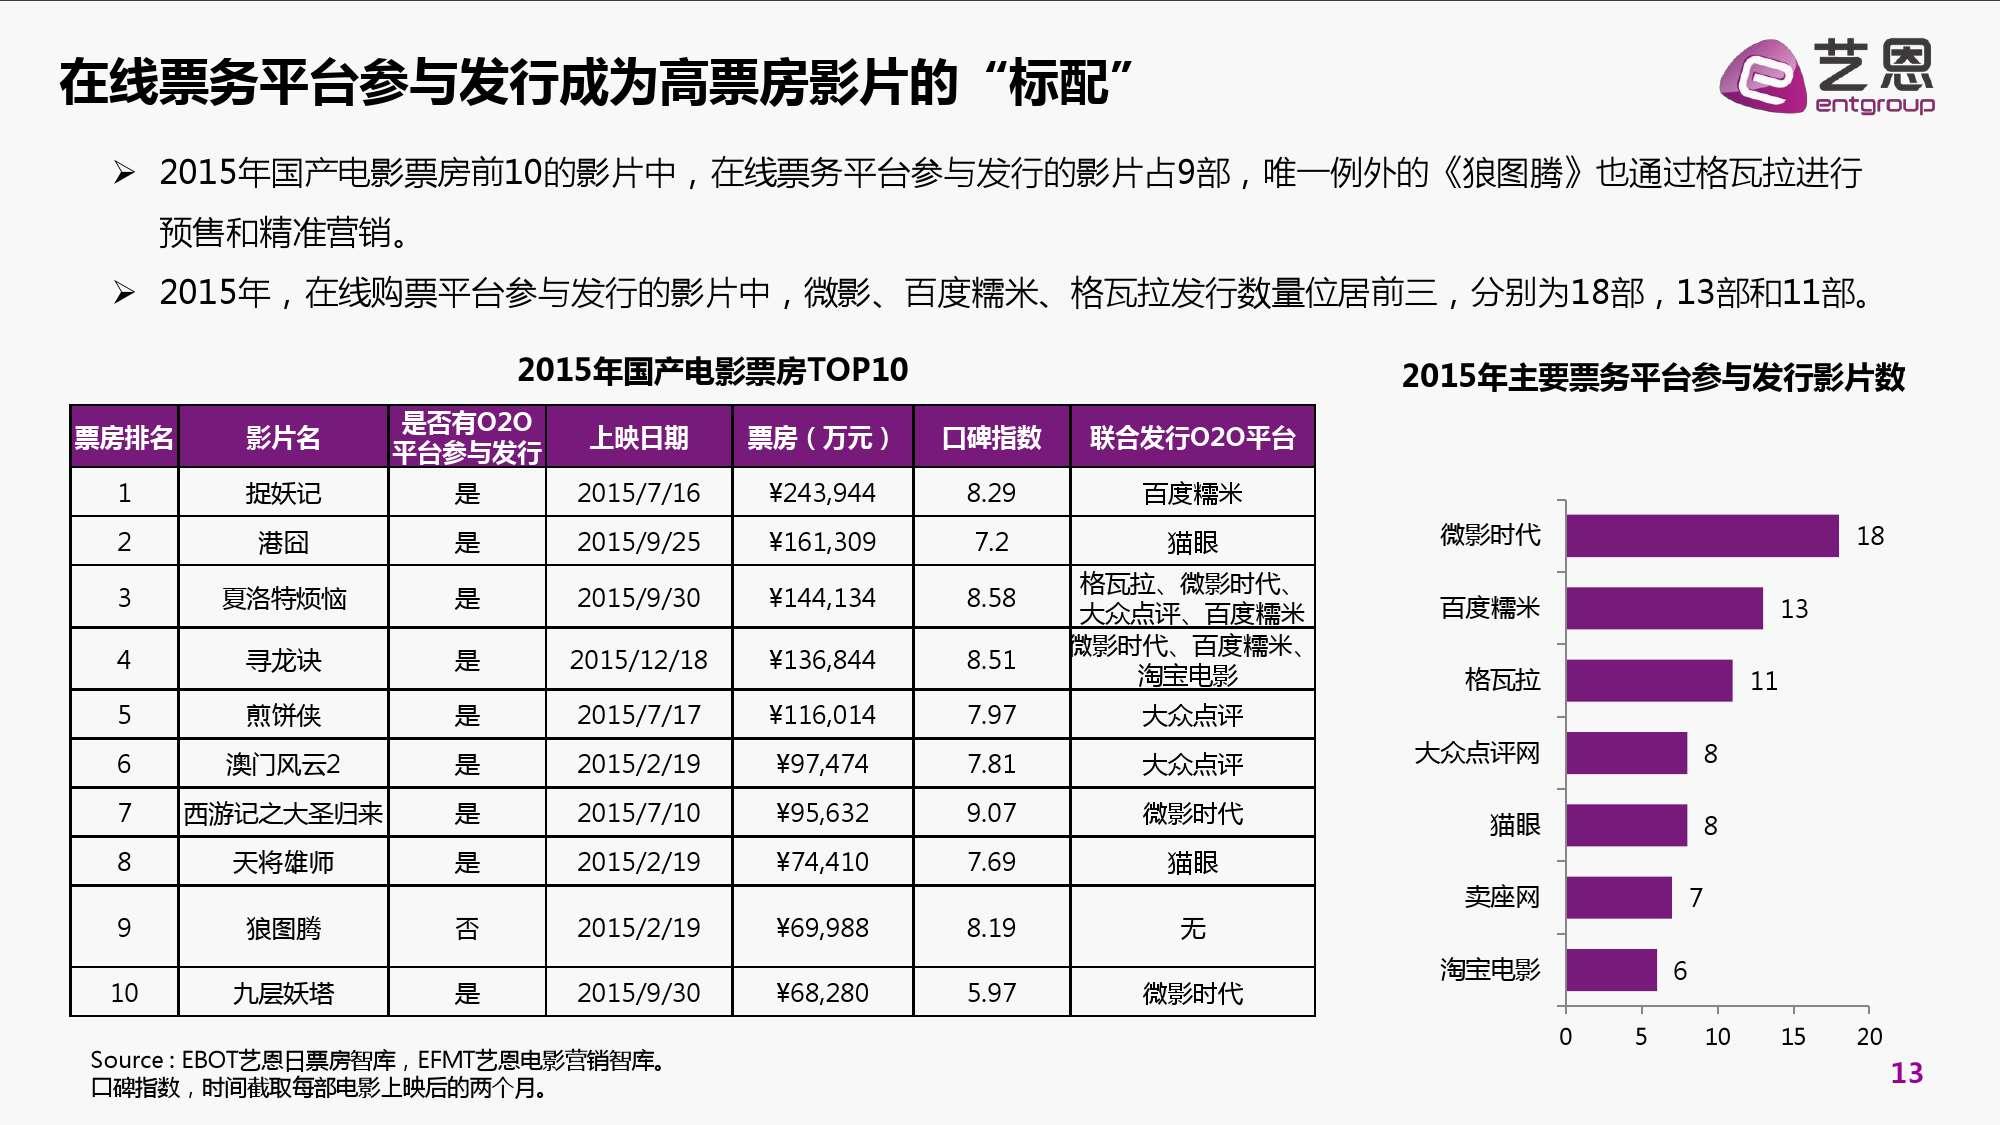 2016年中国电影在线票务市场研究报告_000013